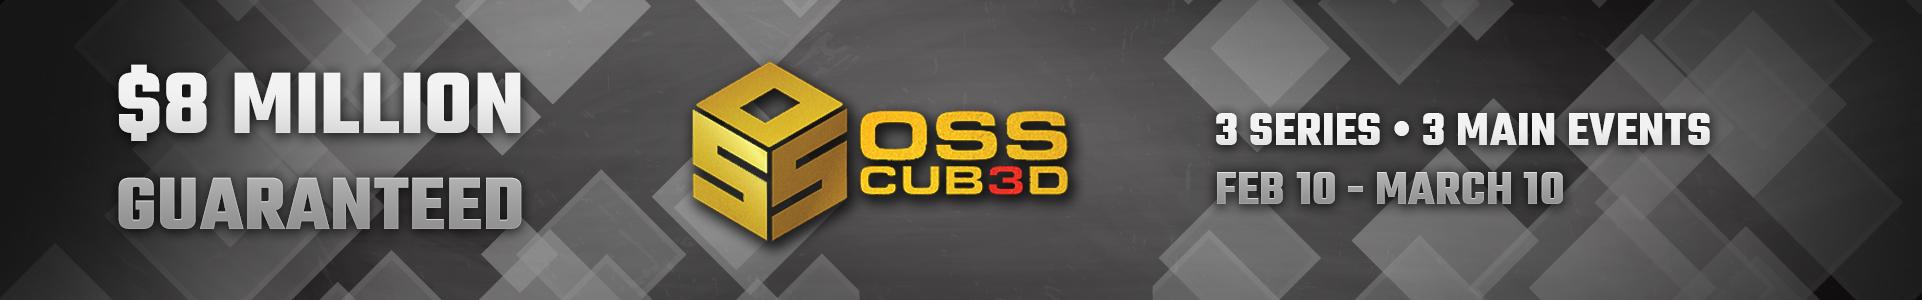 OSS CUB3D